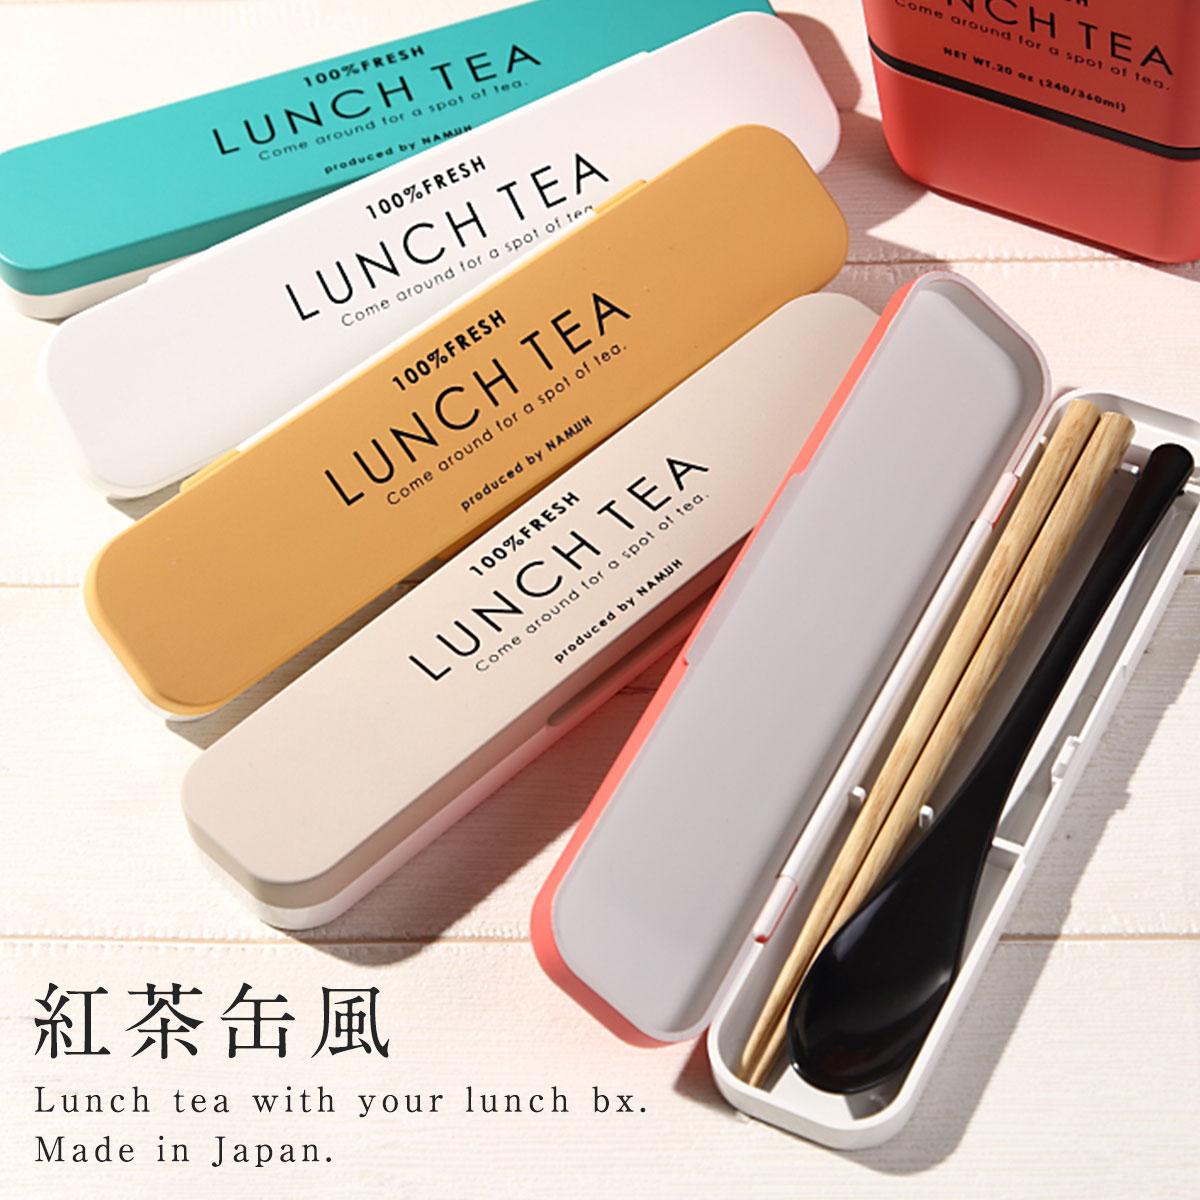 おしゃれでかわいい箸 スプーンセット カトラリーセット お弁当 箸 スプーン 箸セット LUNCH トレンド メール便対応 売却 セット TEA